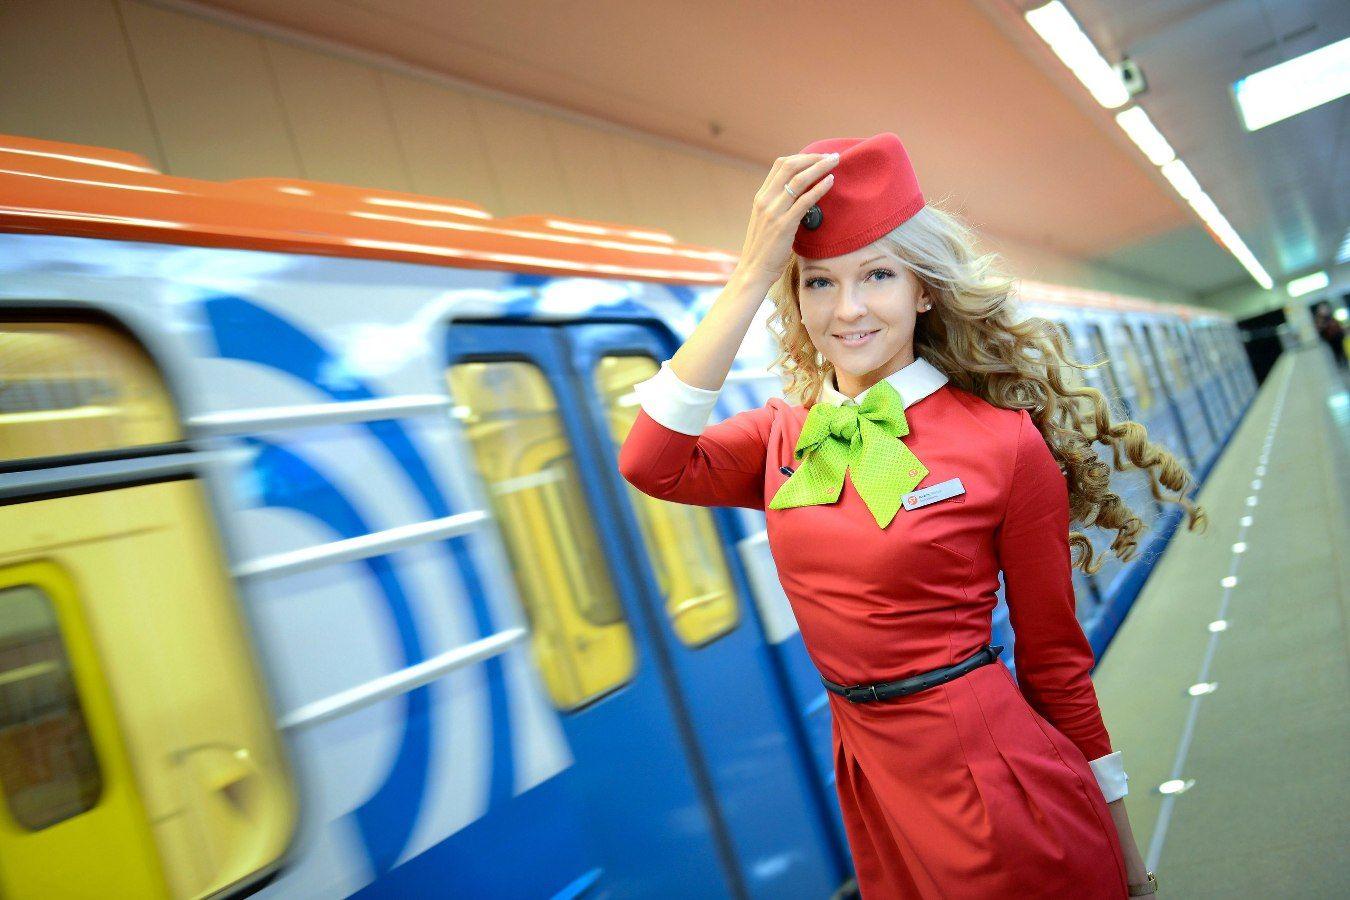 стюардесса эссевен фото сам участвовал постройке